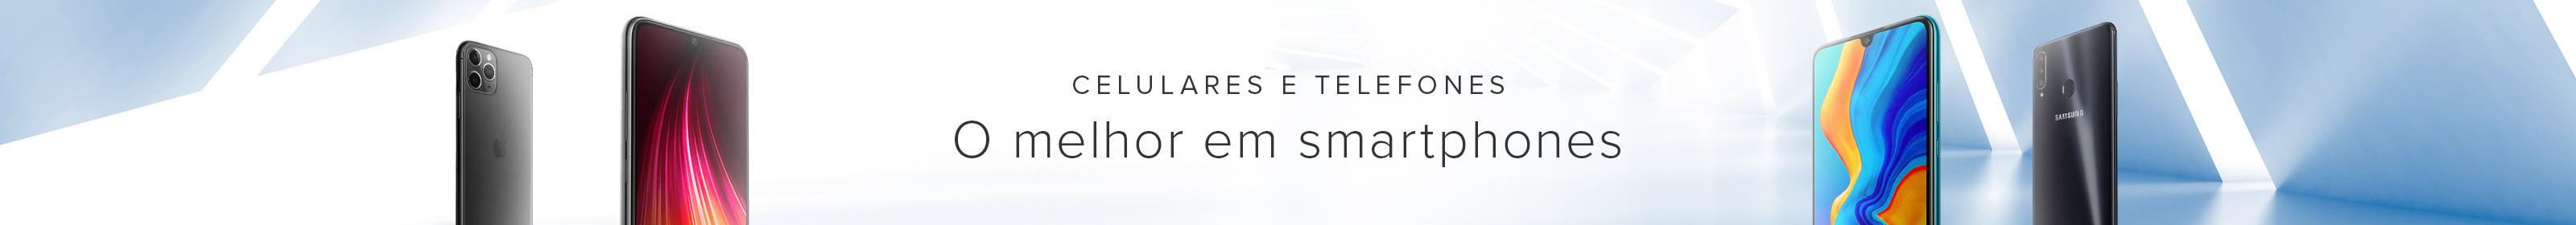 CELULARES_E_TELEFONES